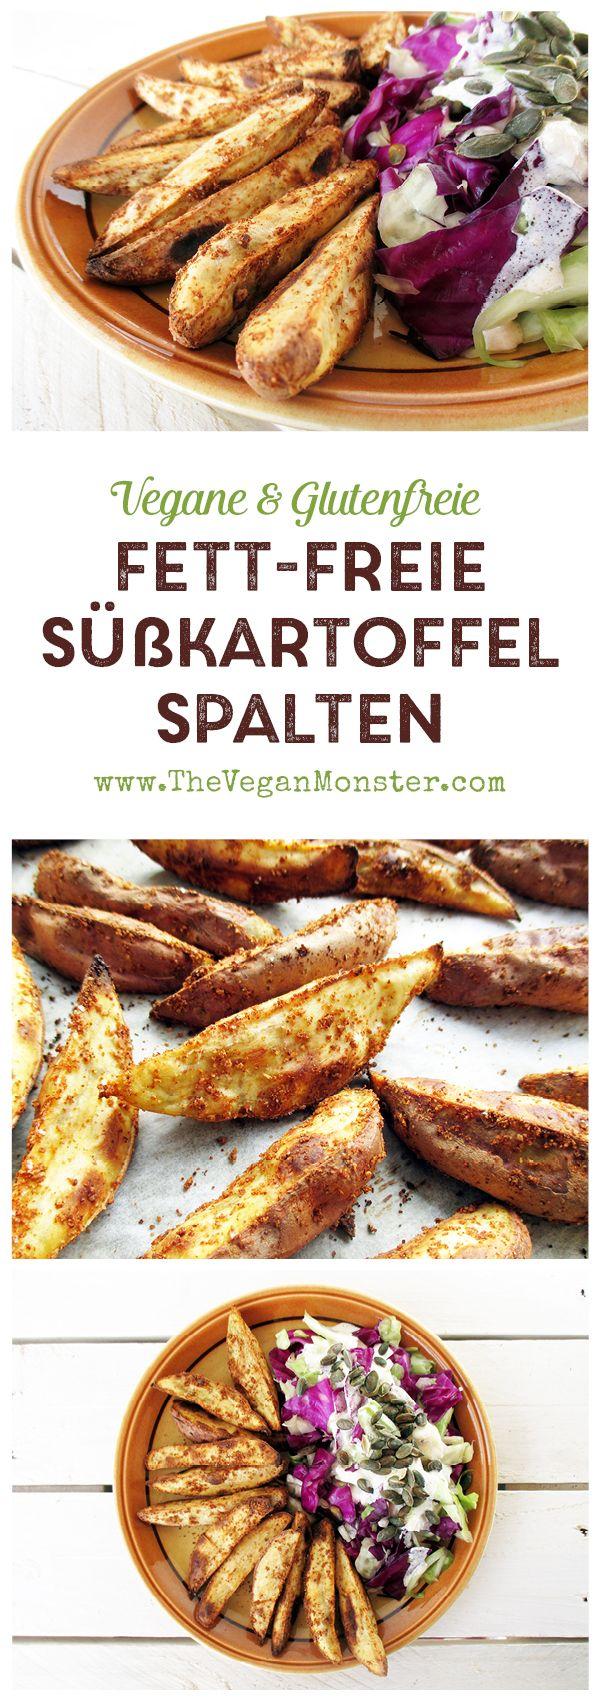 Fettfreie, Knusprige Süßkartoffel Spalten. Vegan, glutenfrei. #kartoffelspaltenofen